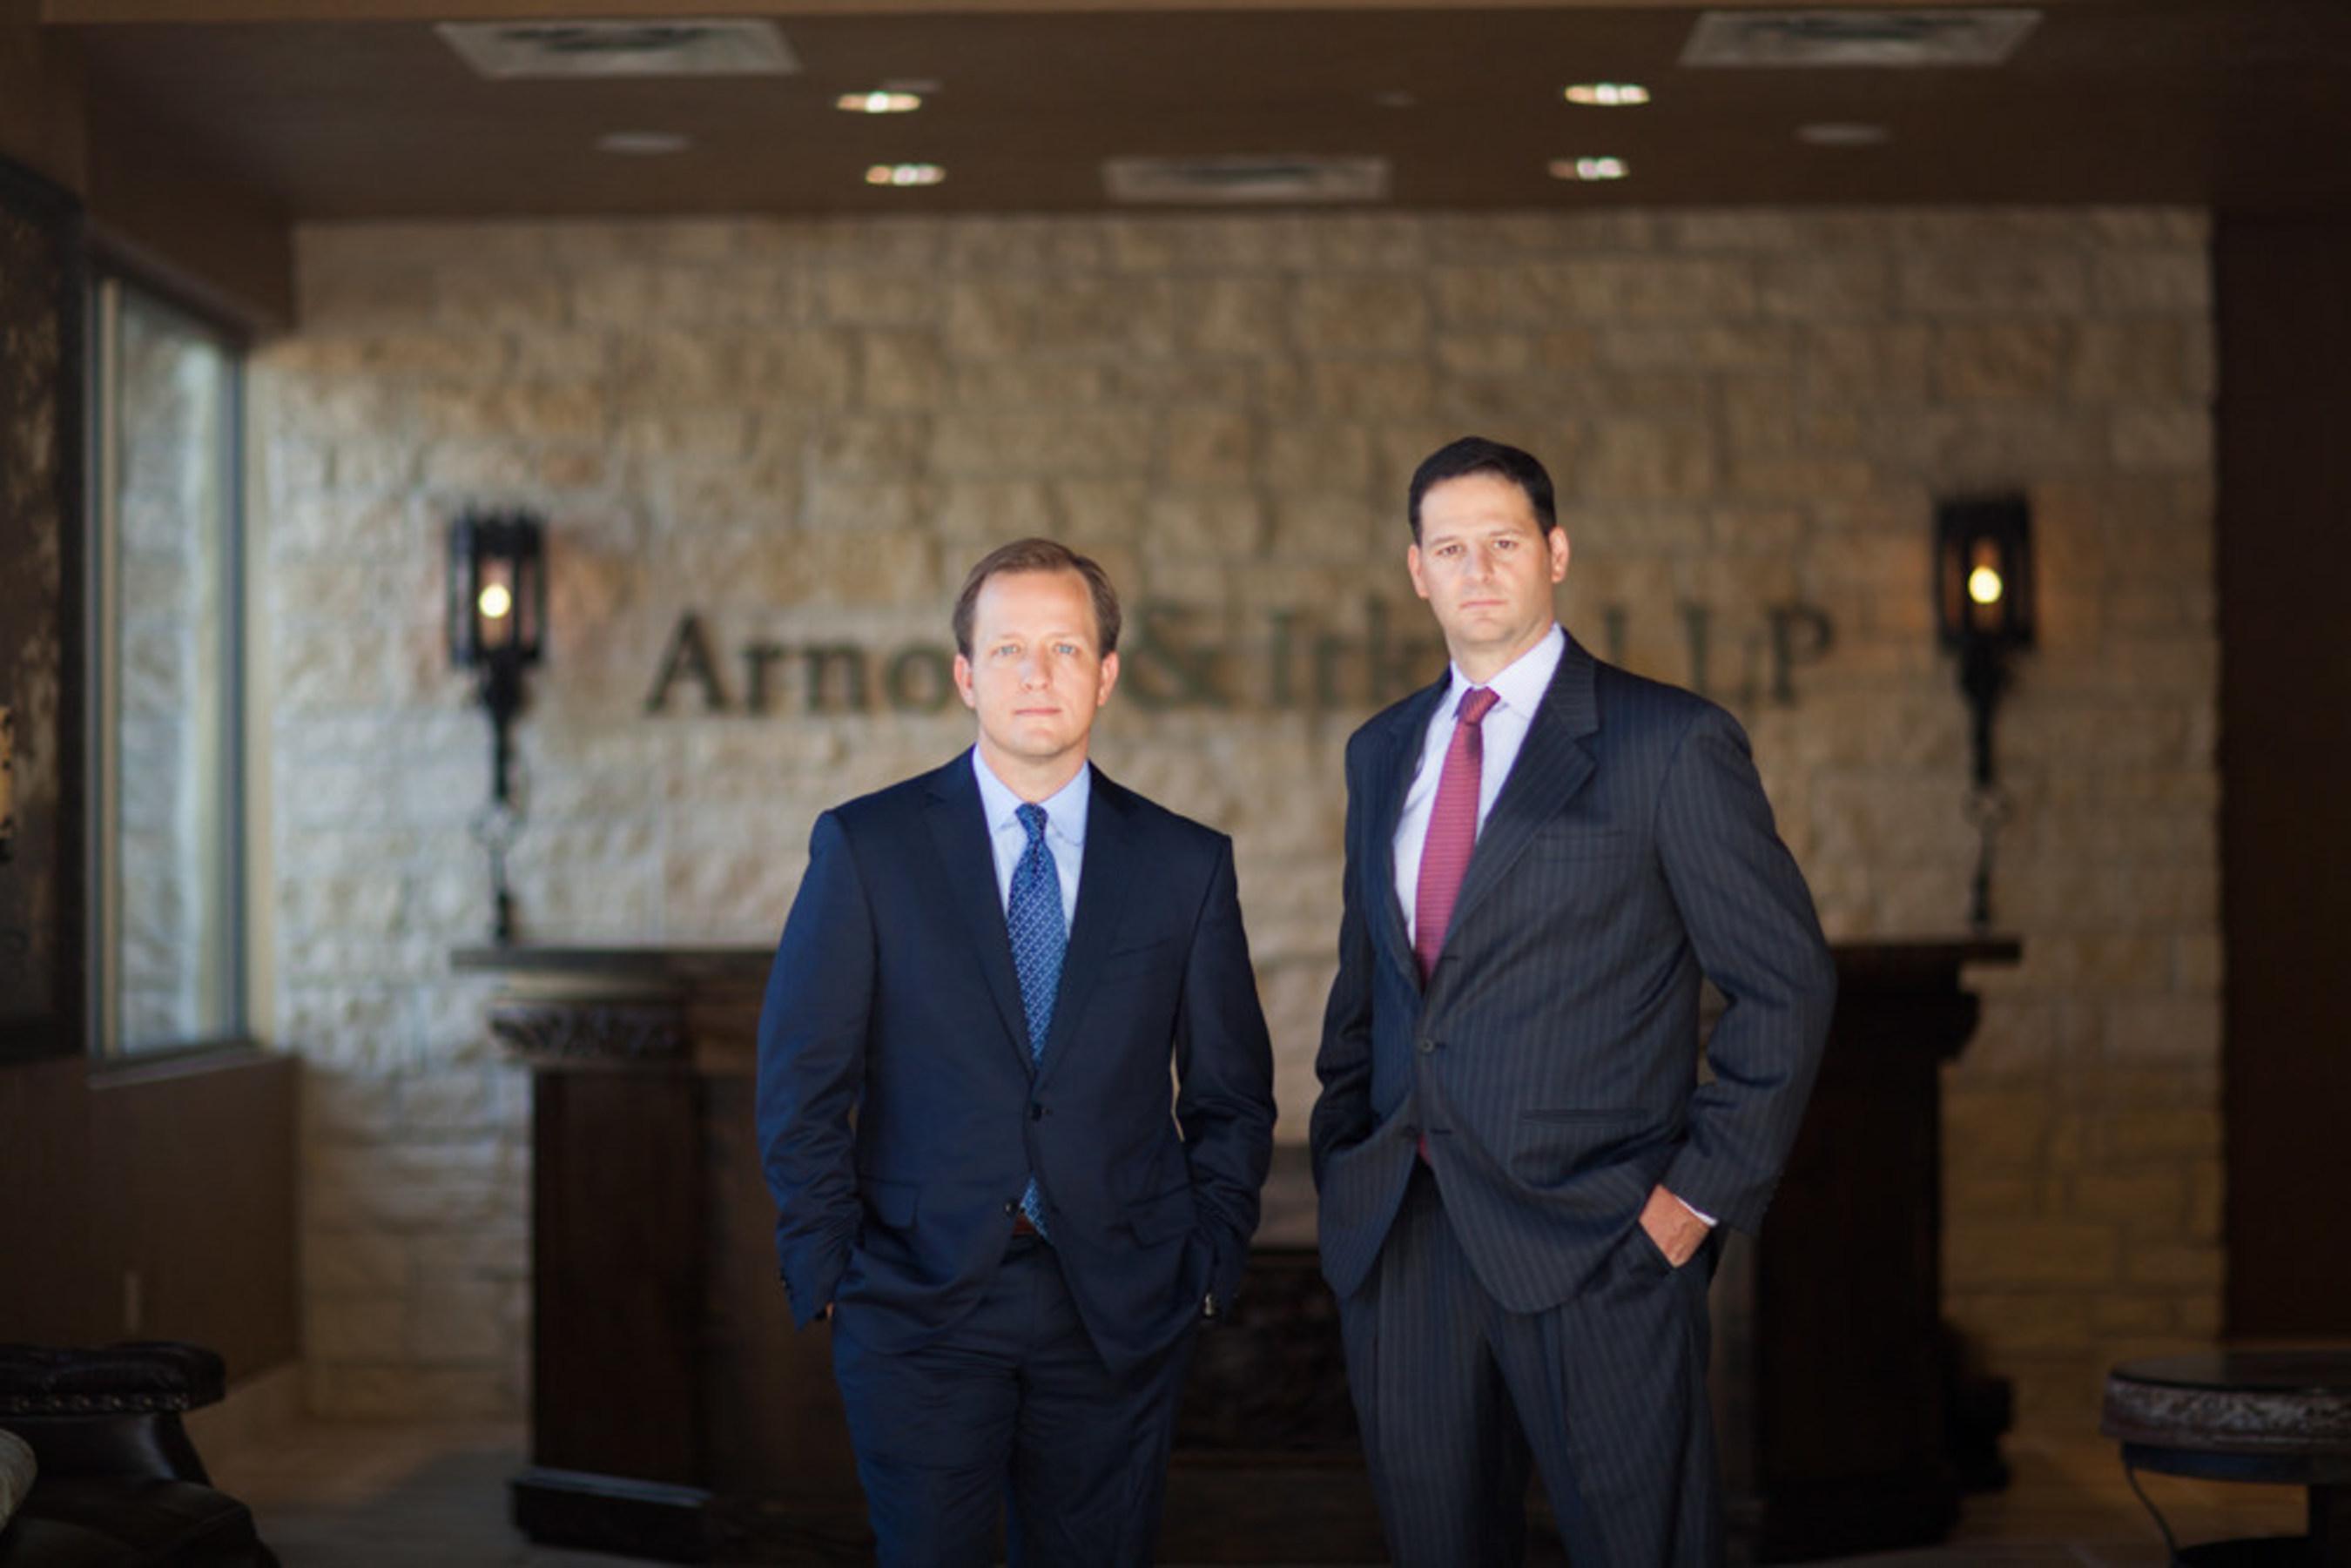 Johnson & Johnson Hit with $70 Million Verdict in Risperdal